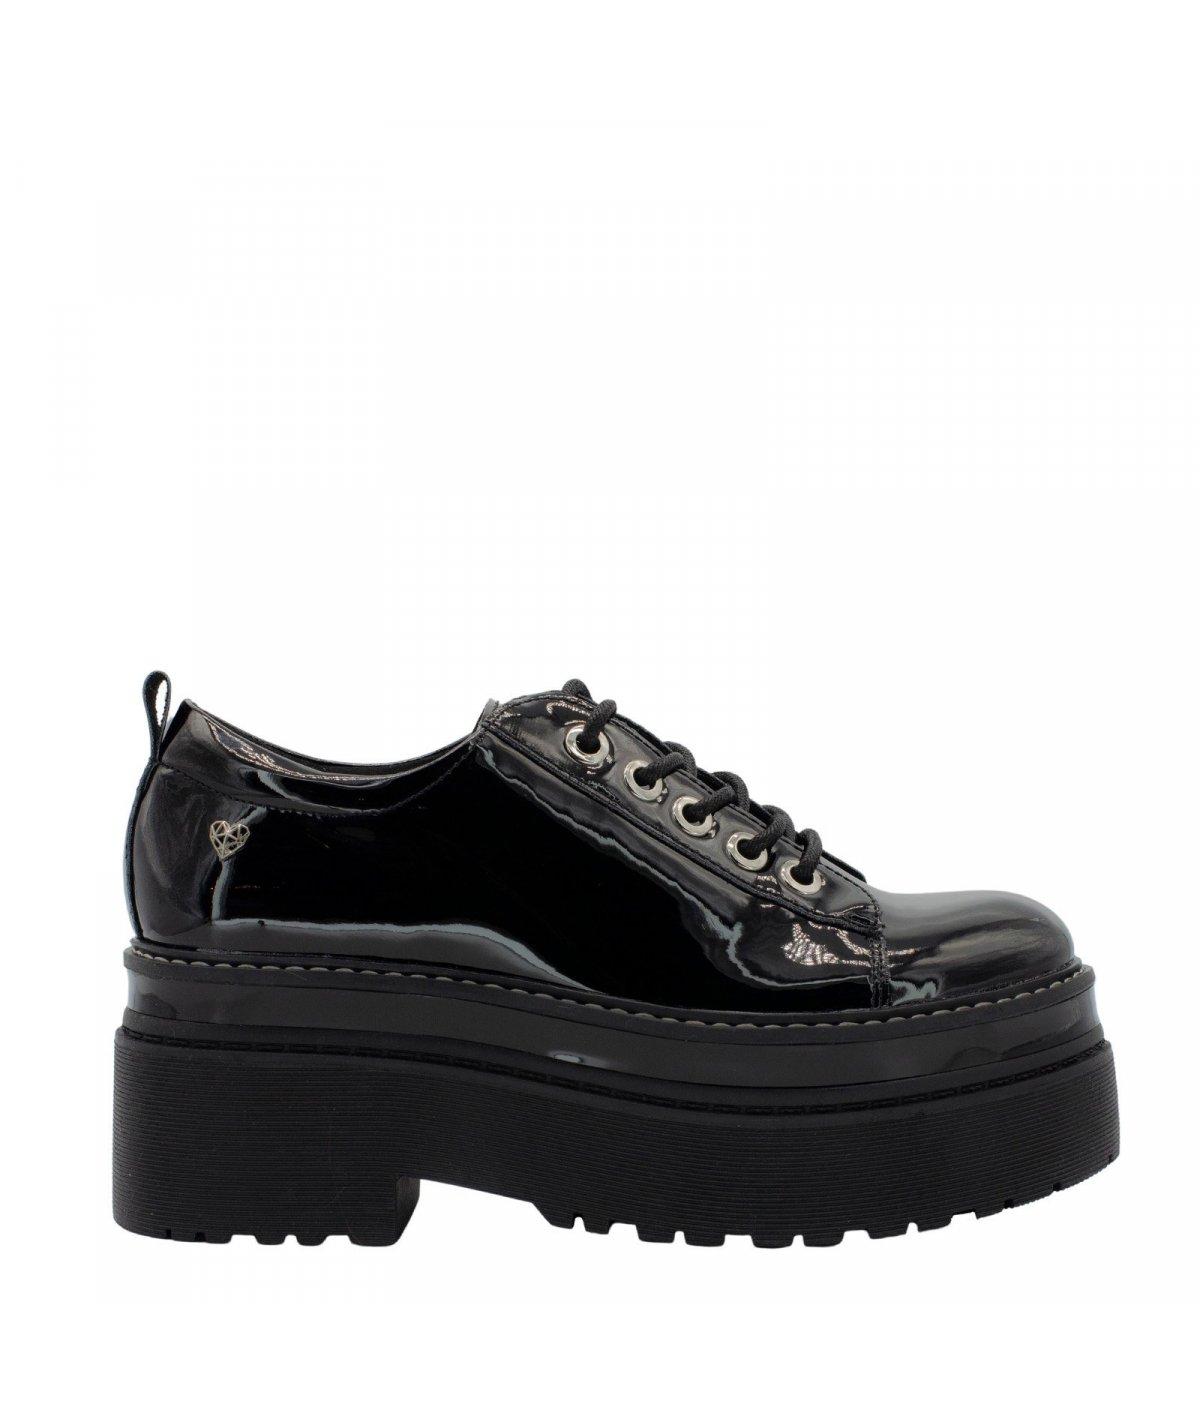 Zapaton Mujer 281 Charol